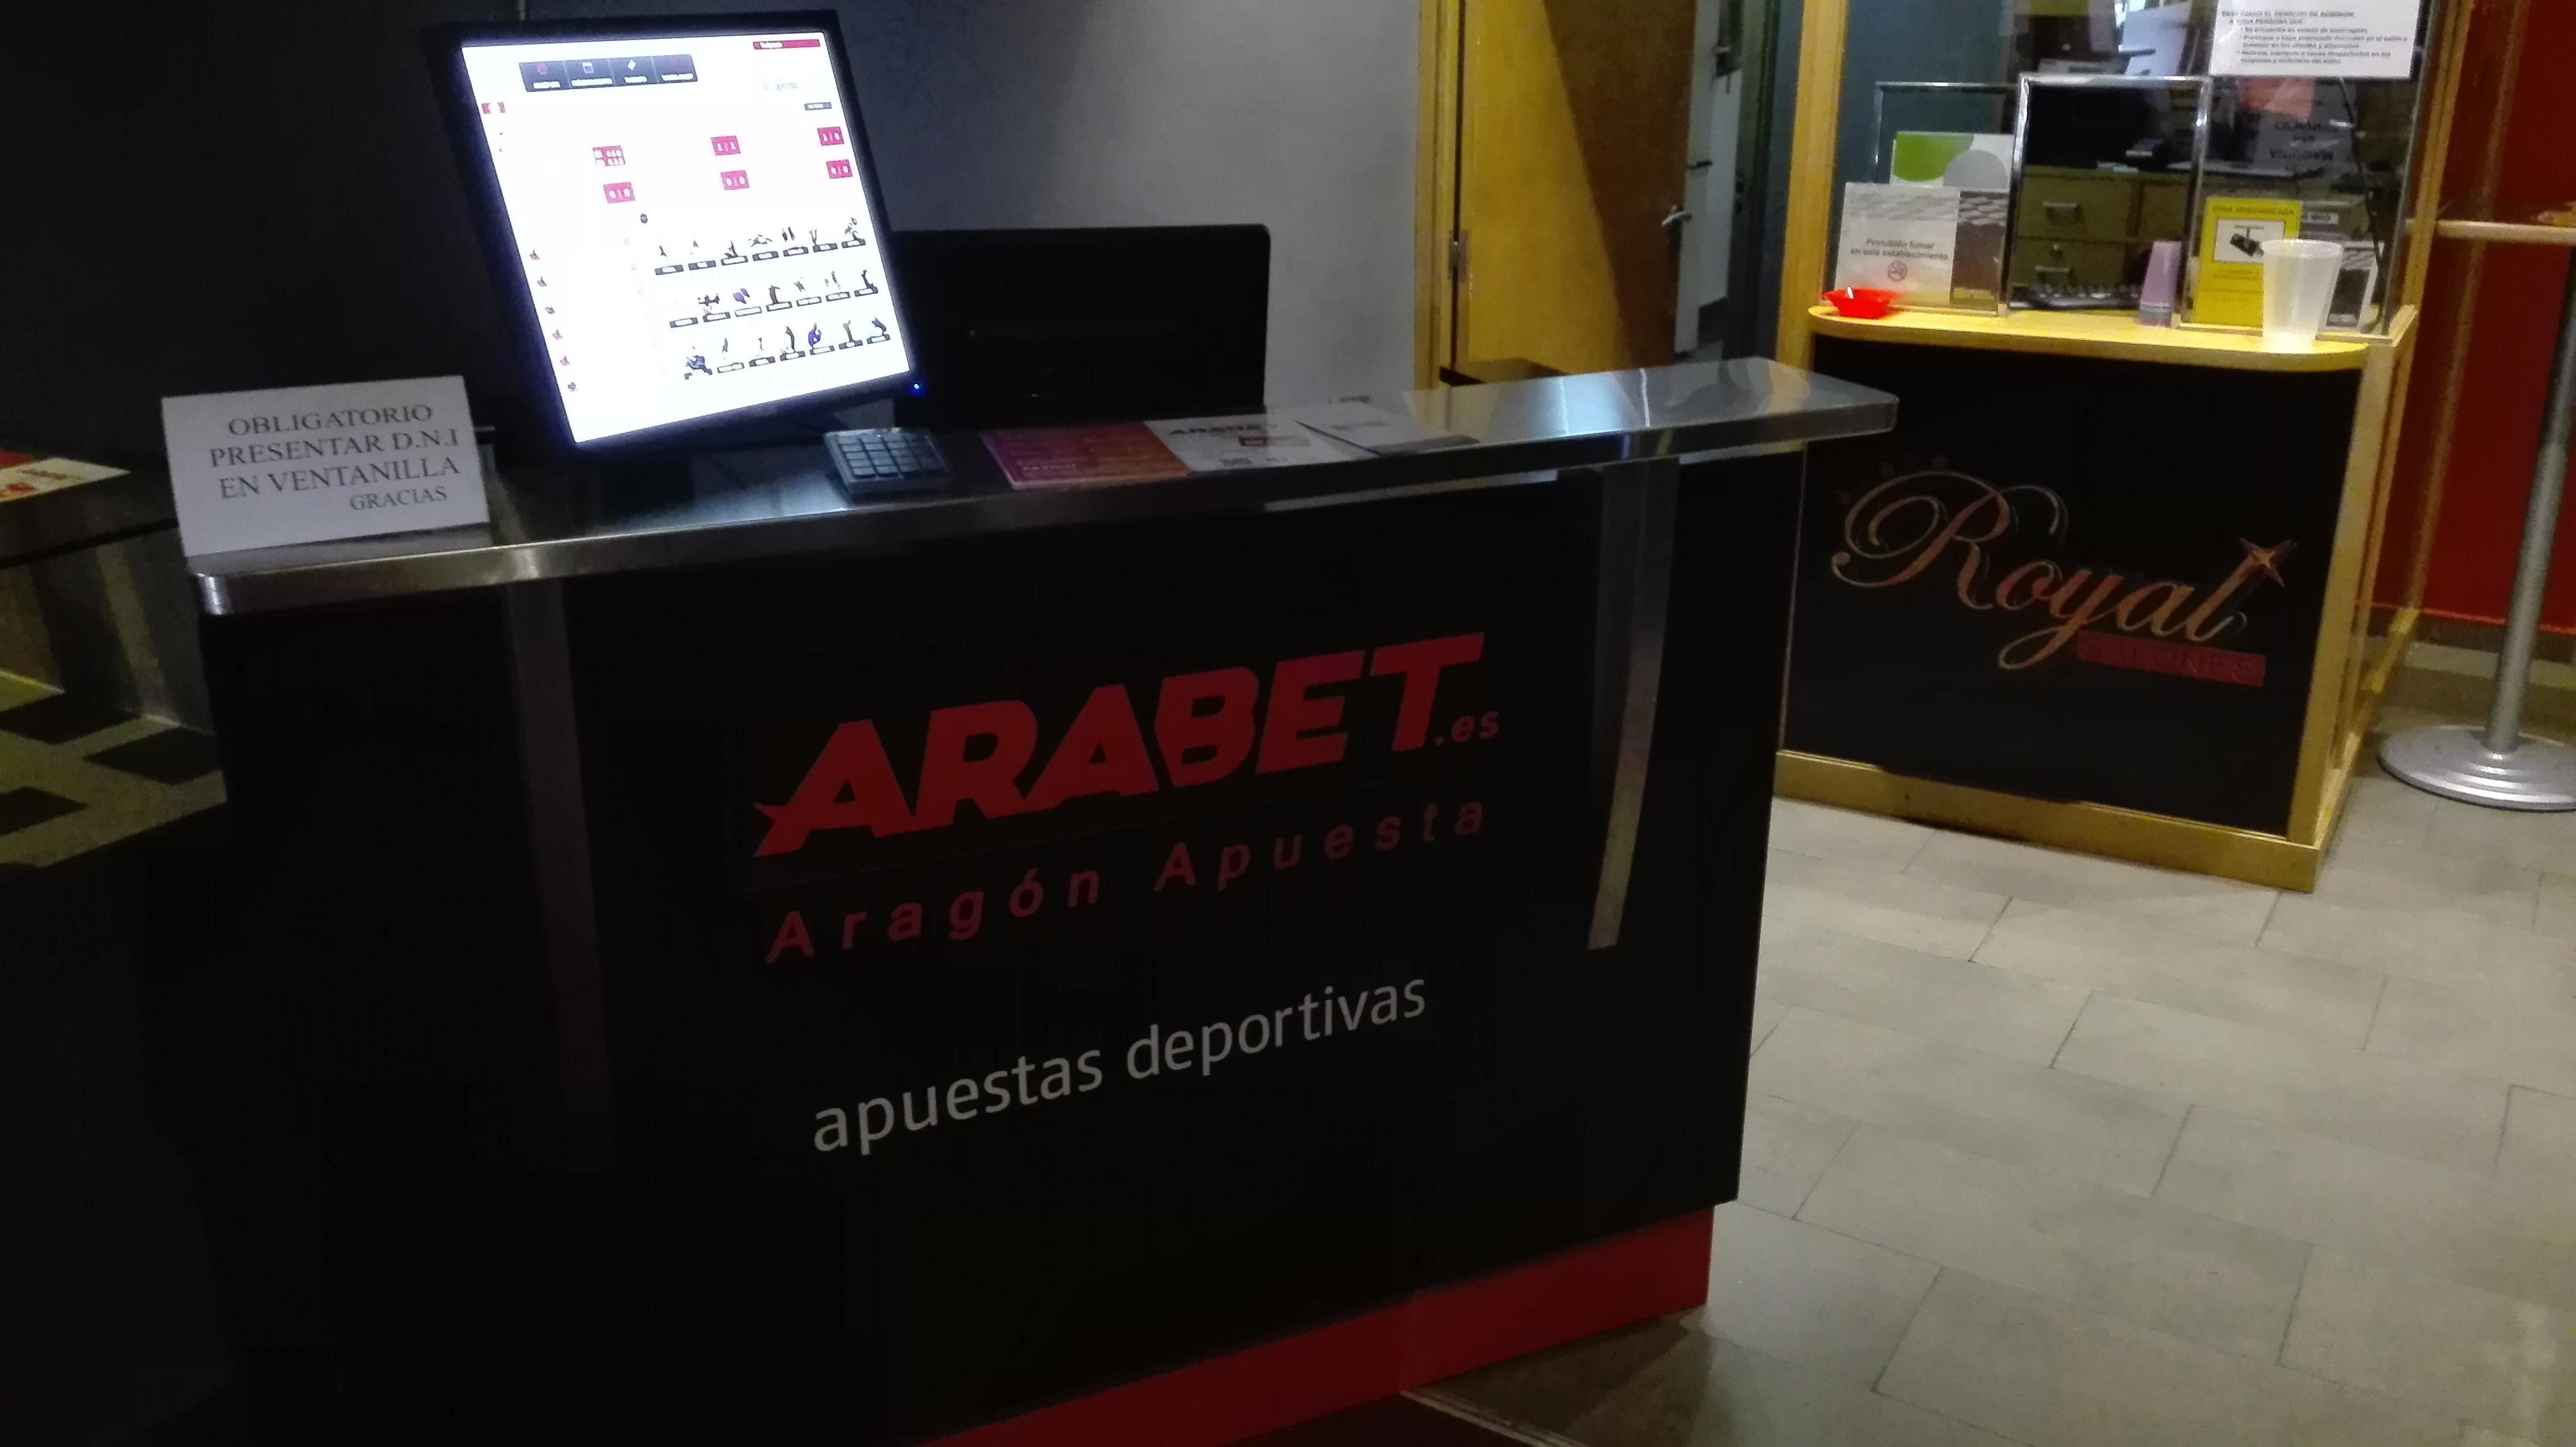 apuestas-deportivas-royal-delicias-zaragoza-arabet